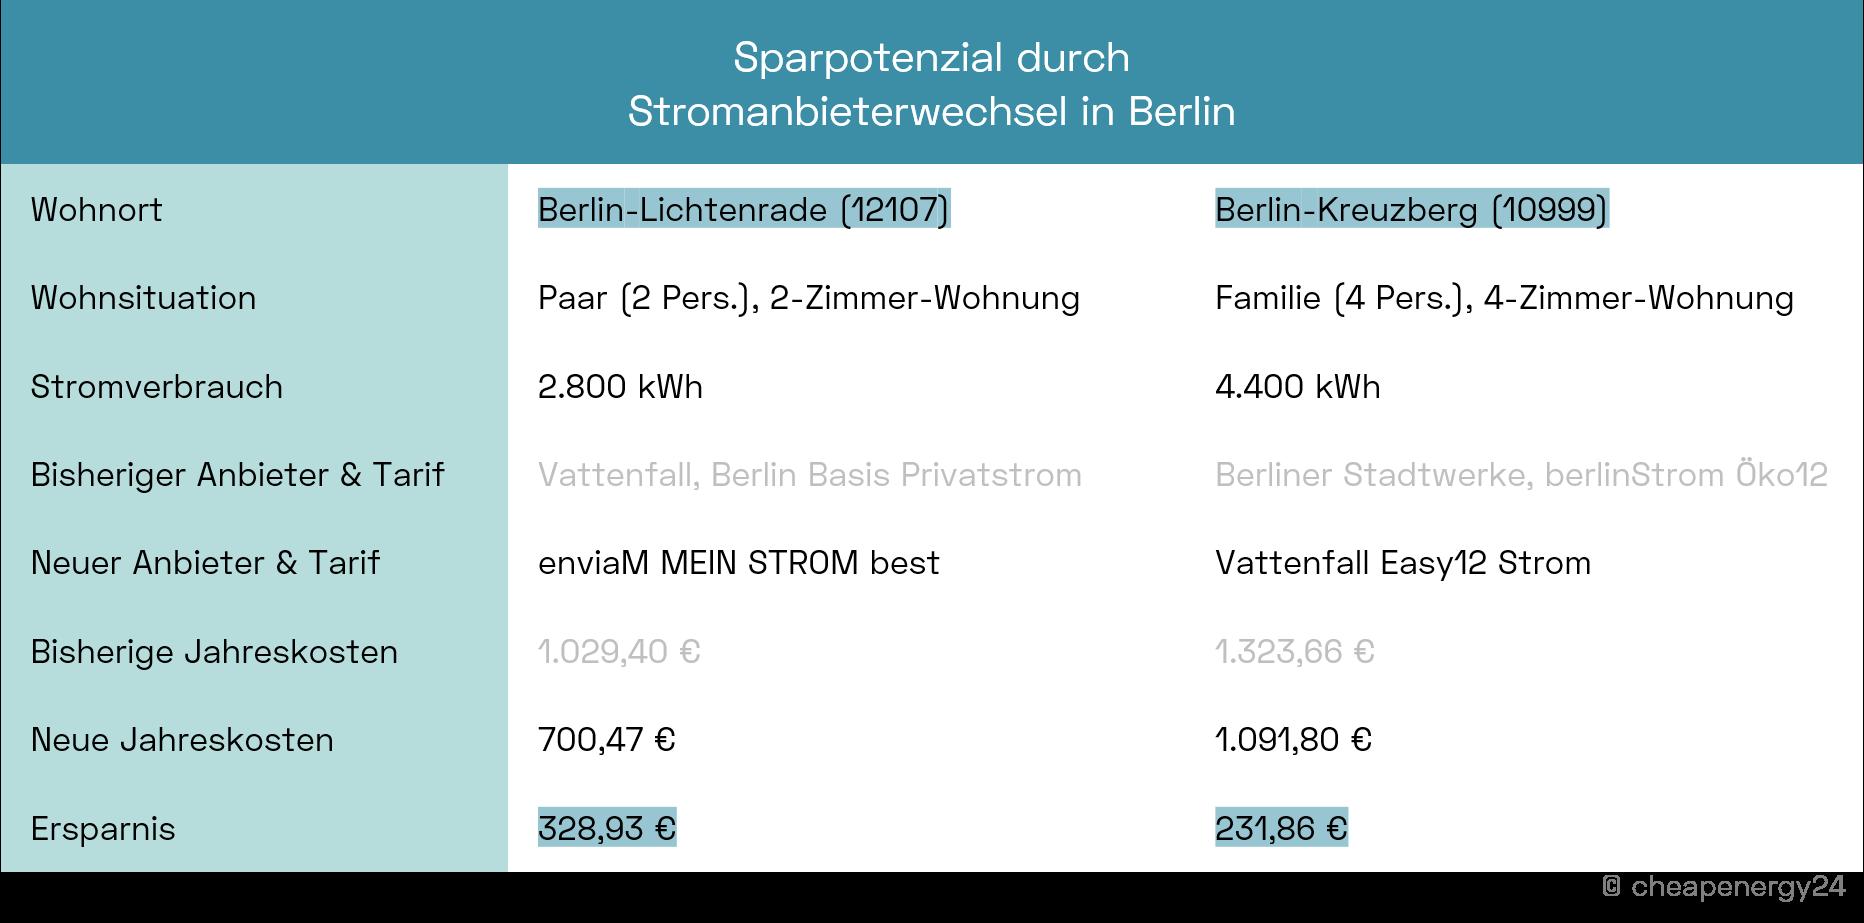 Berlin Stromanbieter wechseln Sparpotenzial